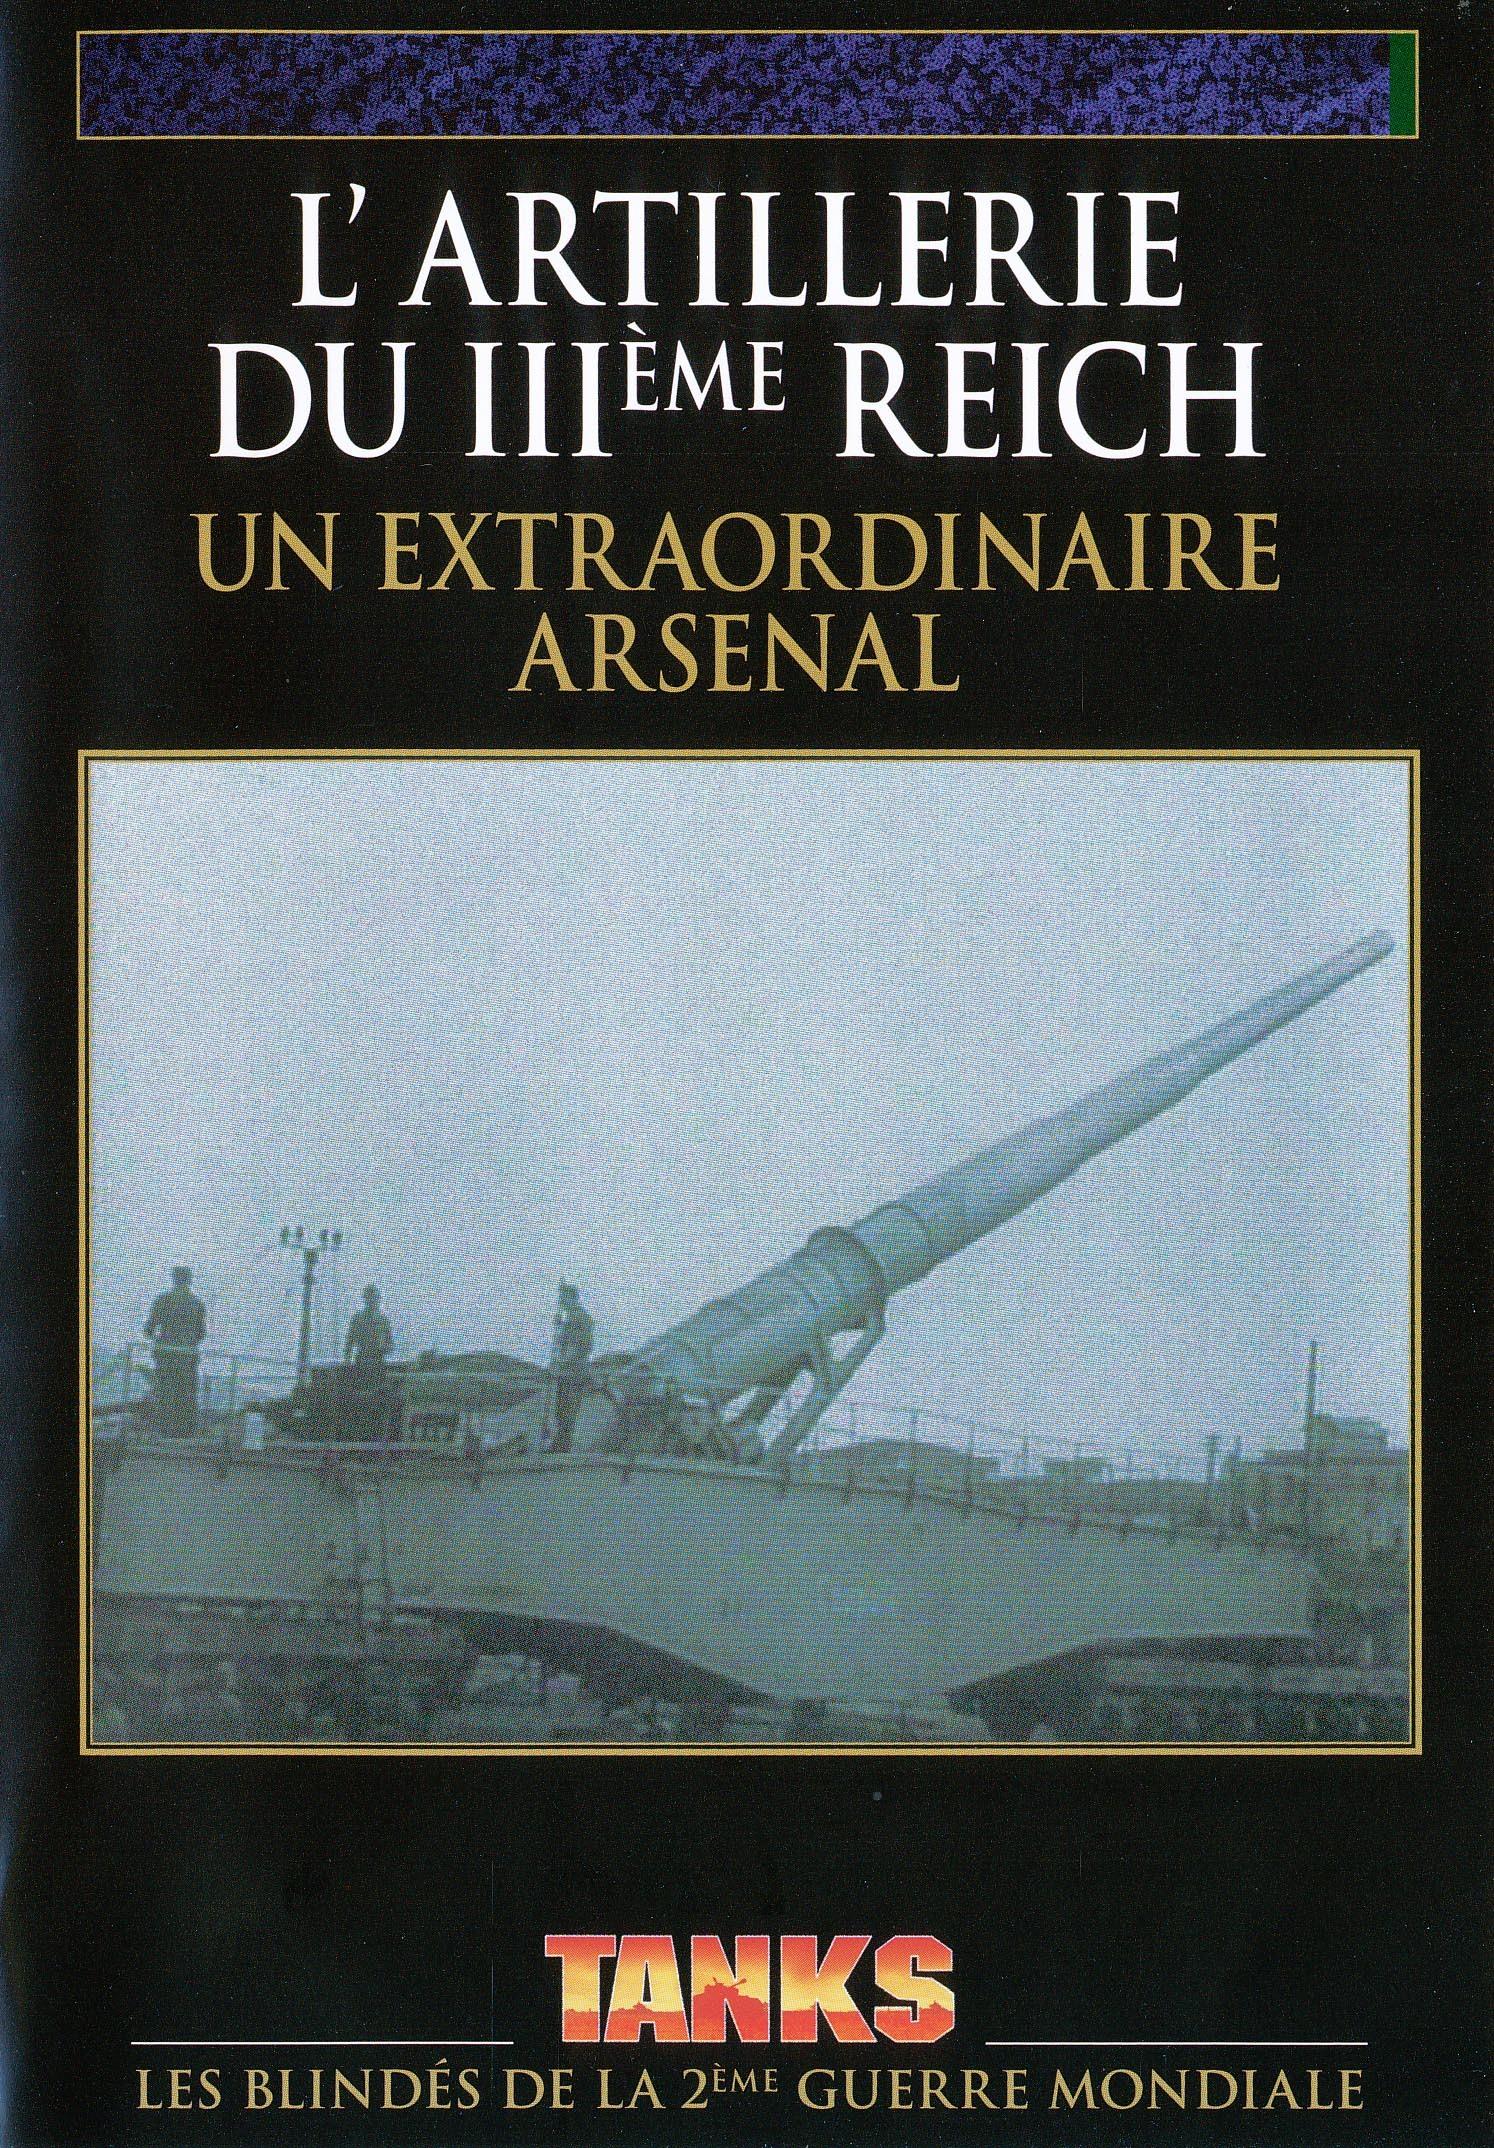 ARTILLERIE DU 3EME REICH - DVD